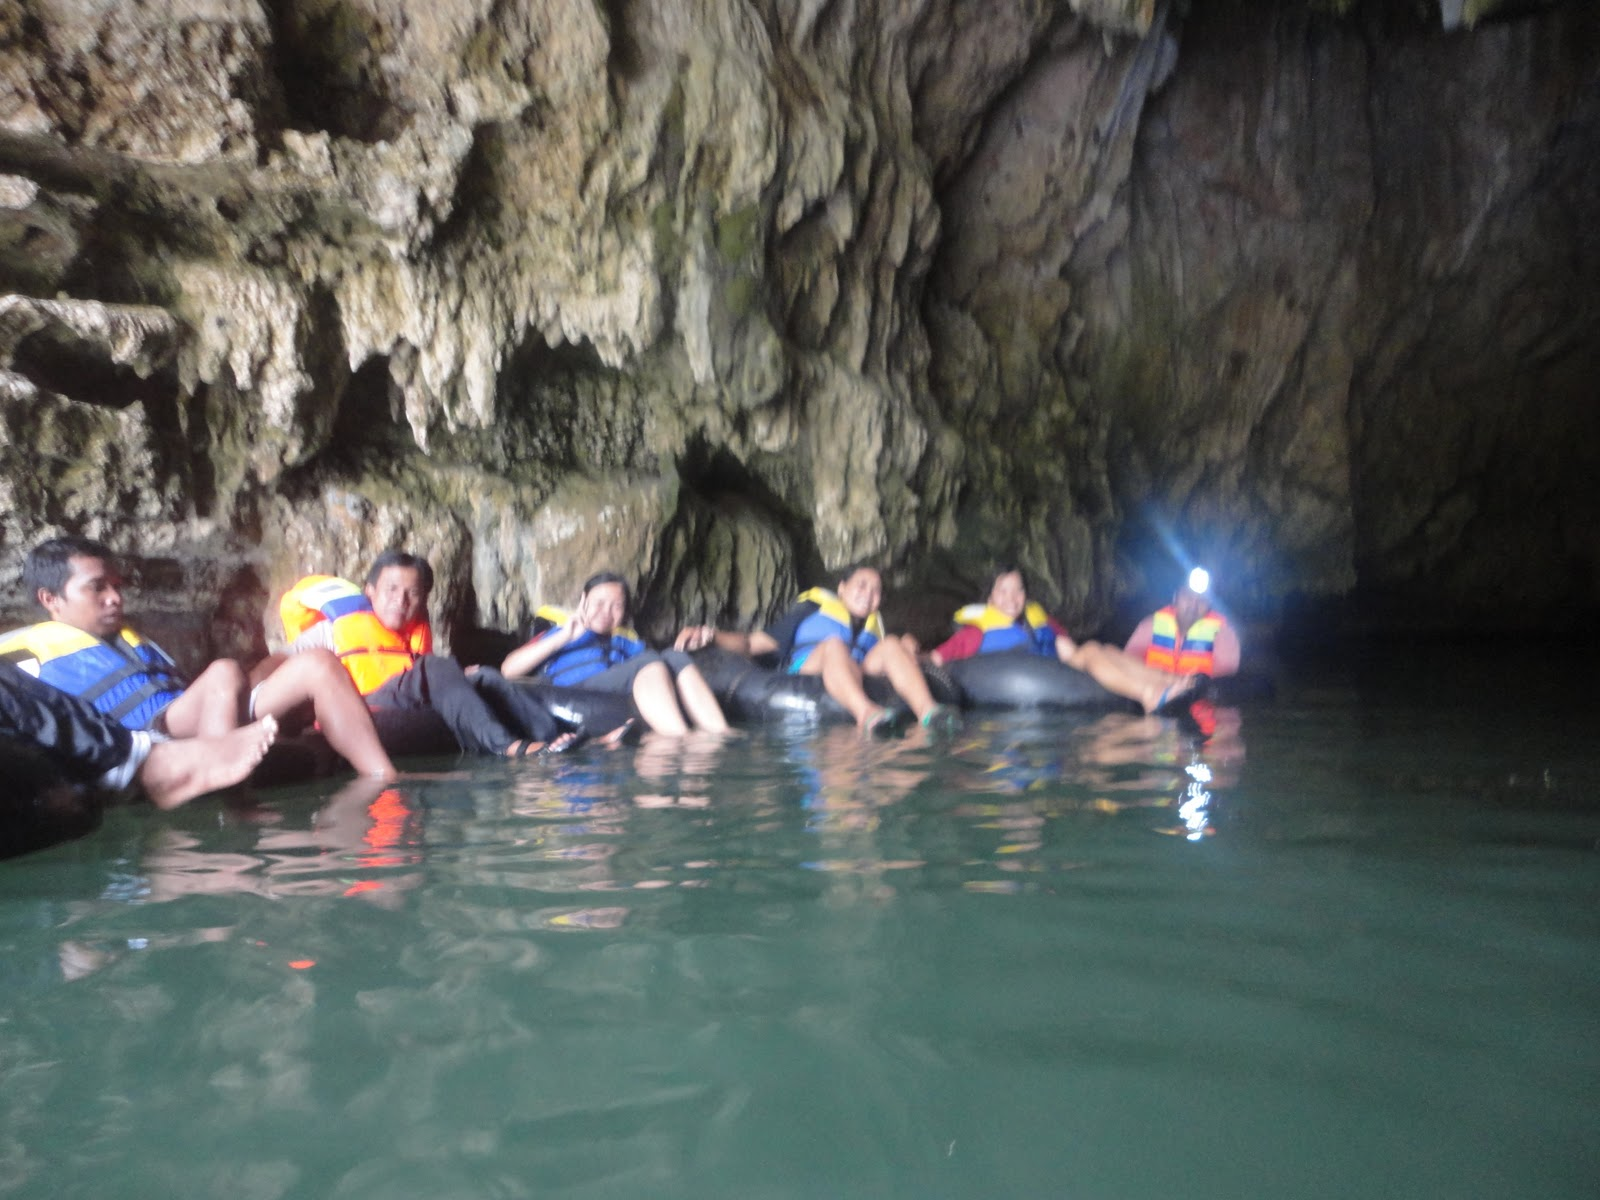 cave-tubing-caving-body-rafting-di-jogja.JPG